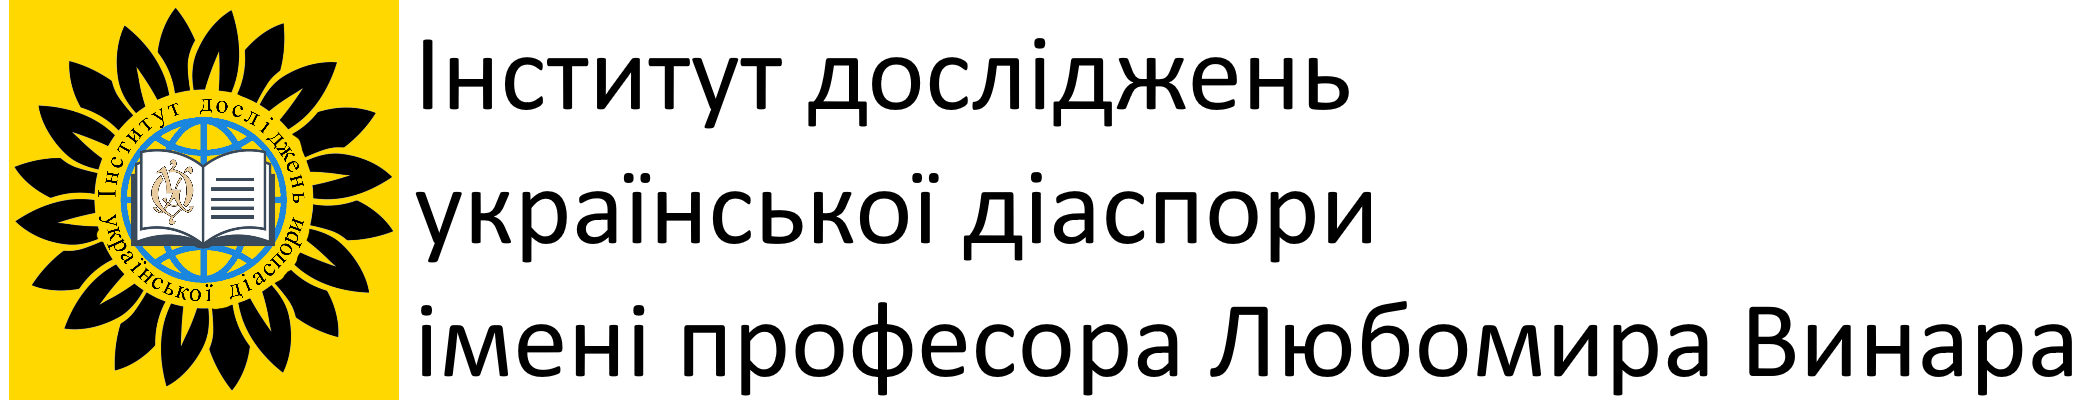 Інститут досліджень української діаспори імені професора Любомира Винара